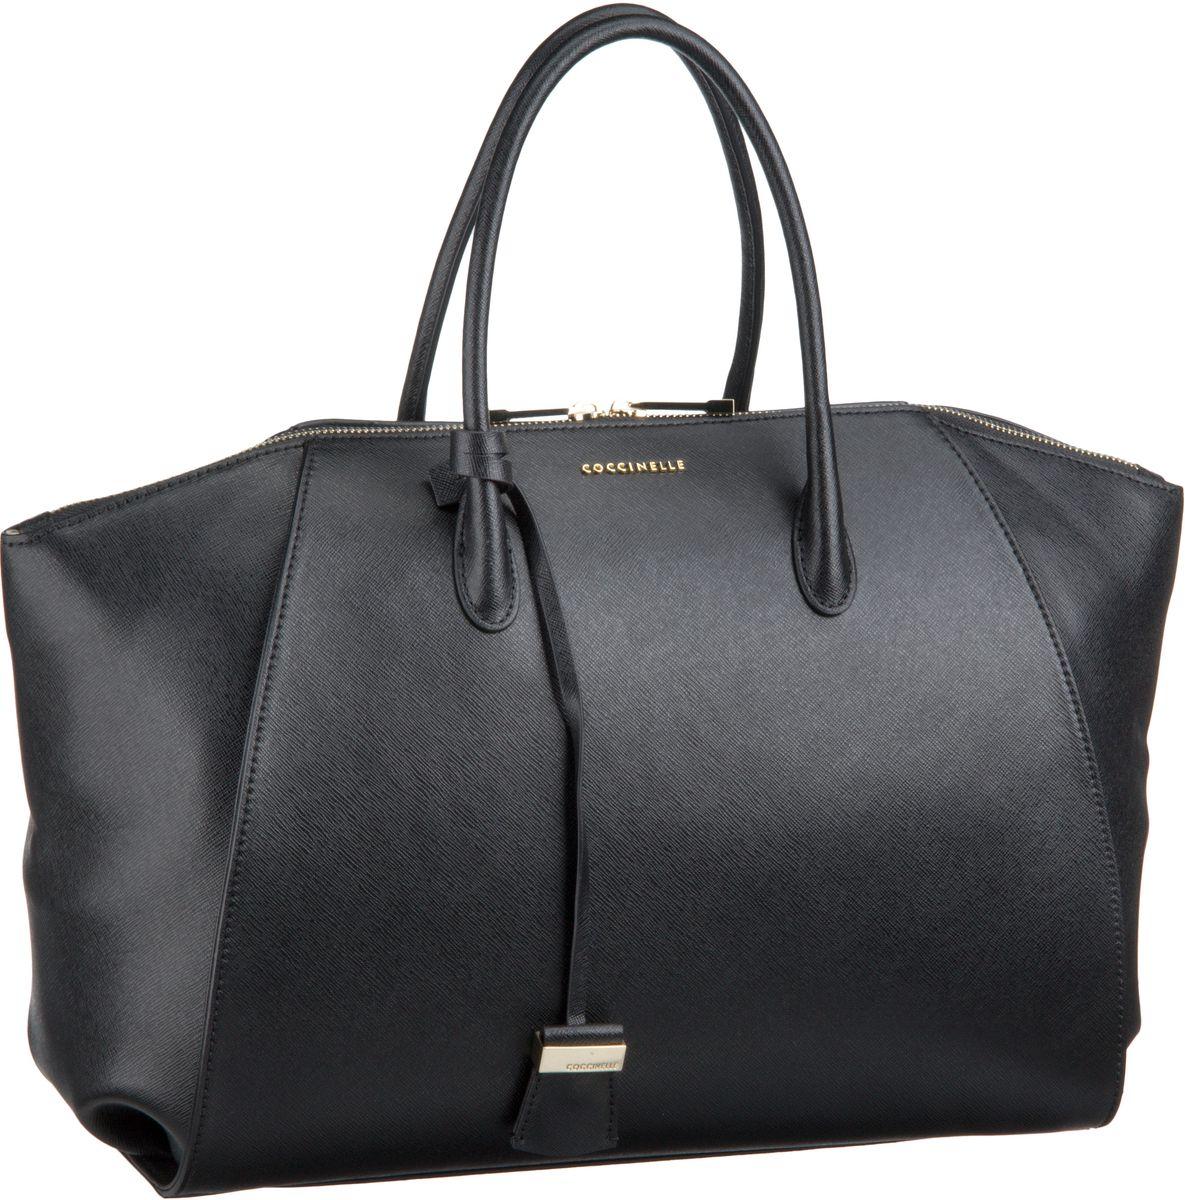 Lou 1801 Nero (innen: Beige) Handtasche